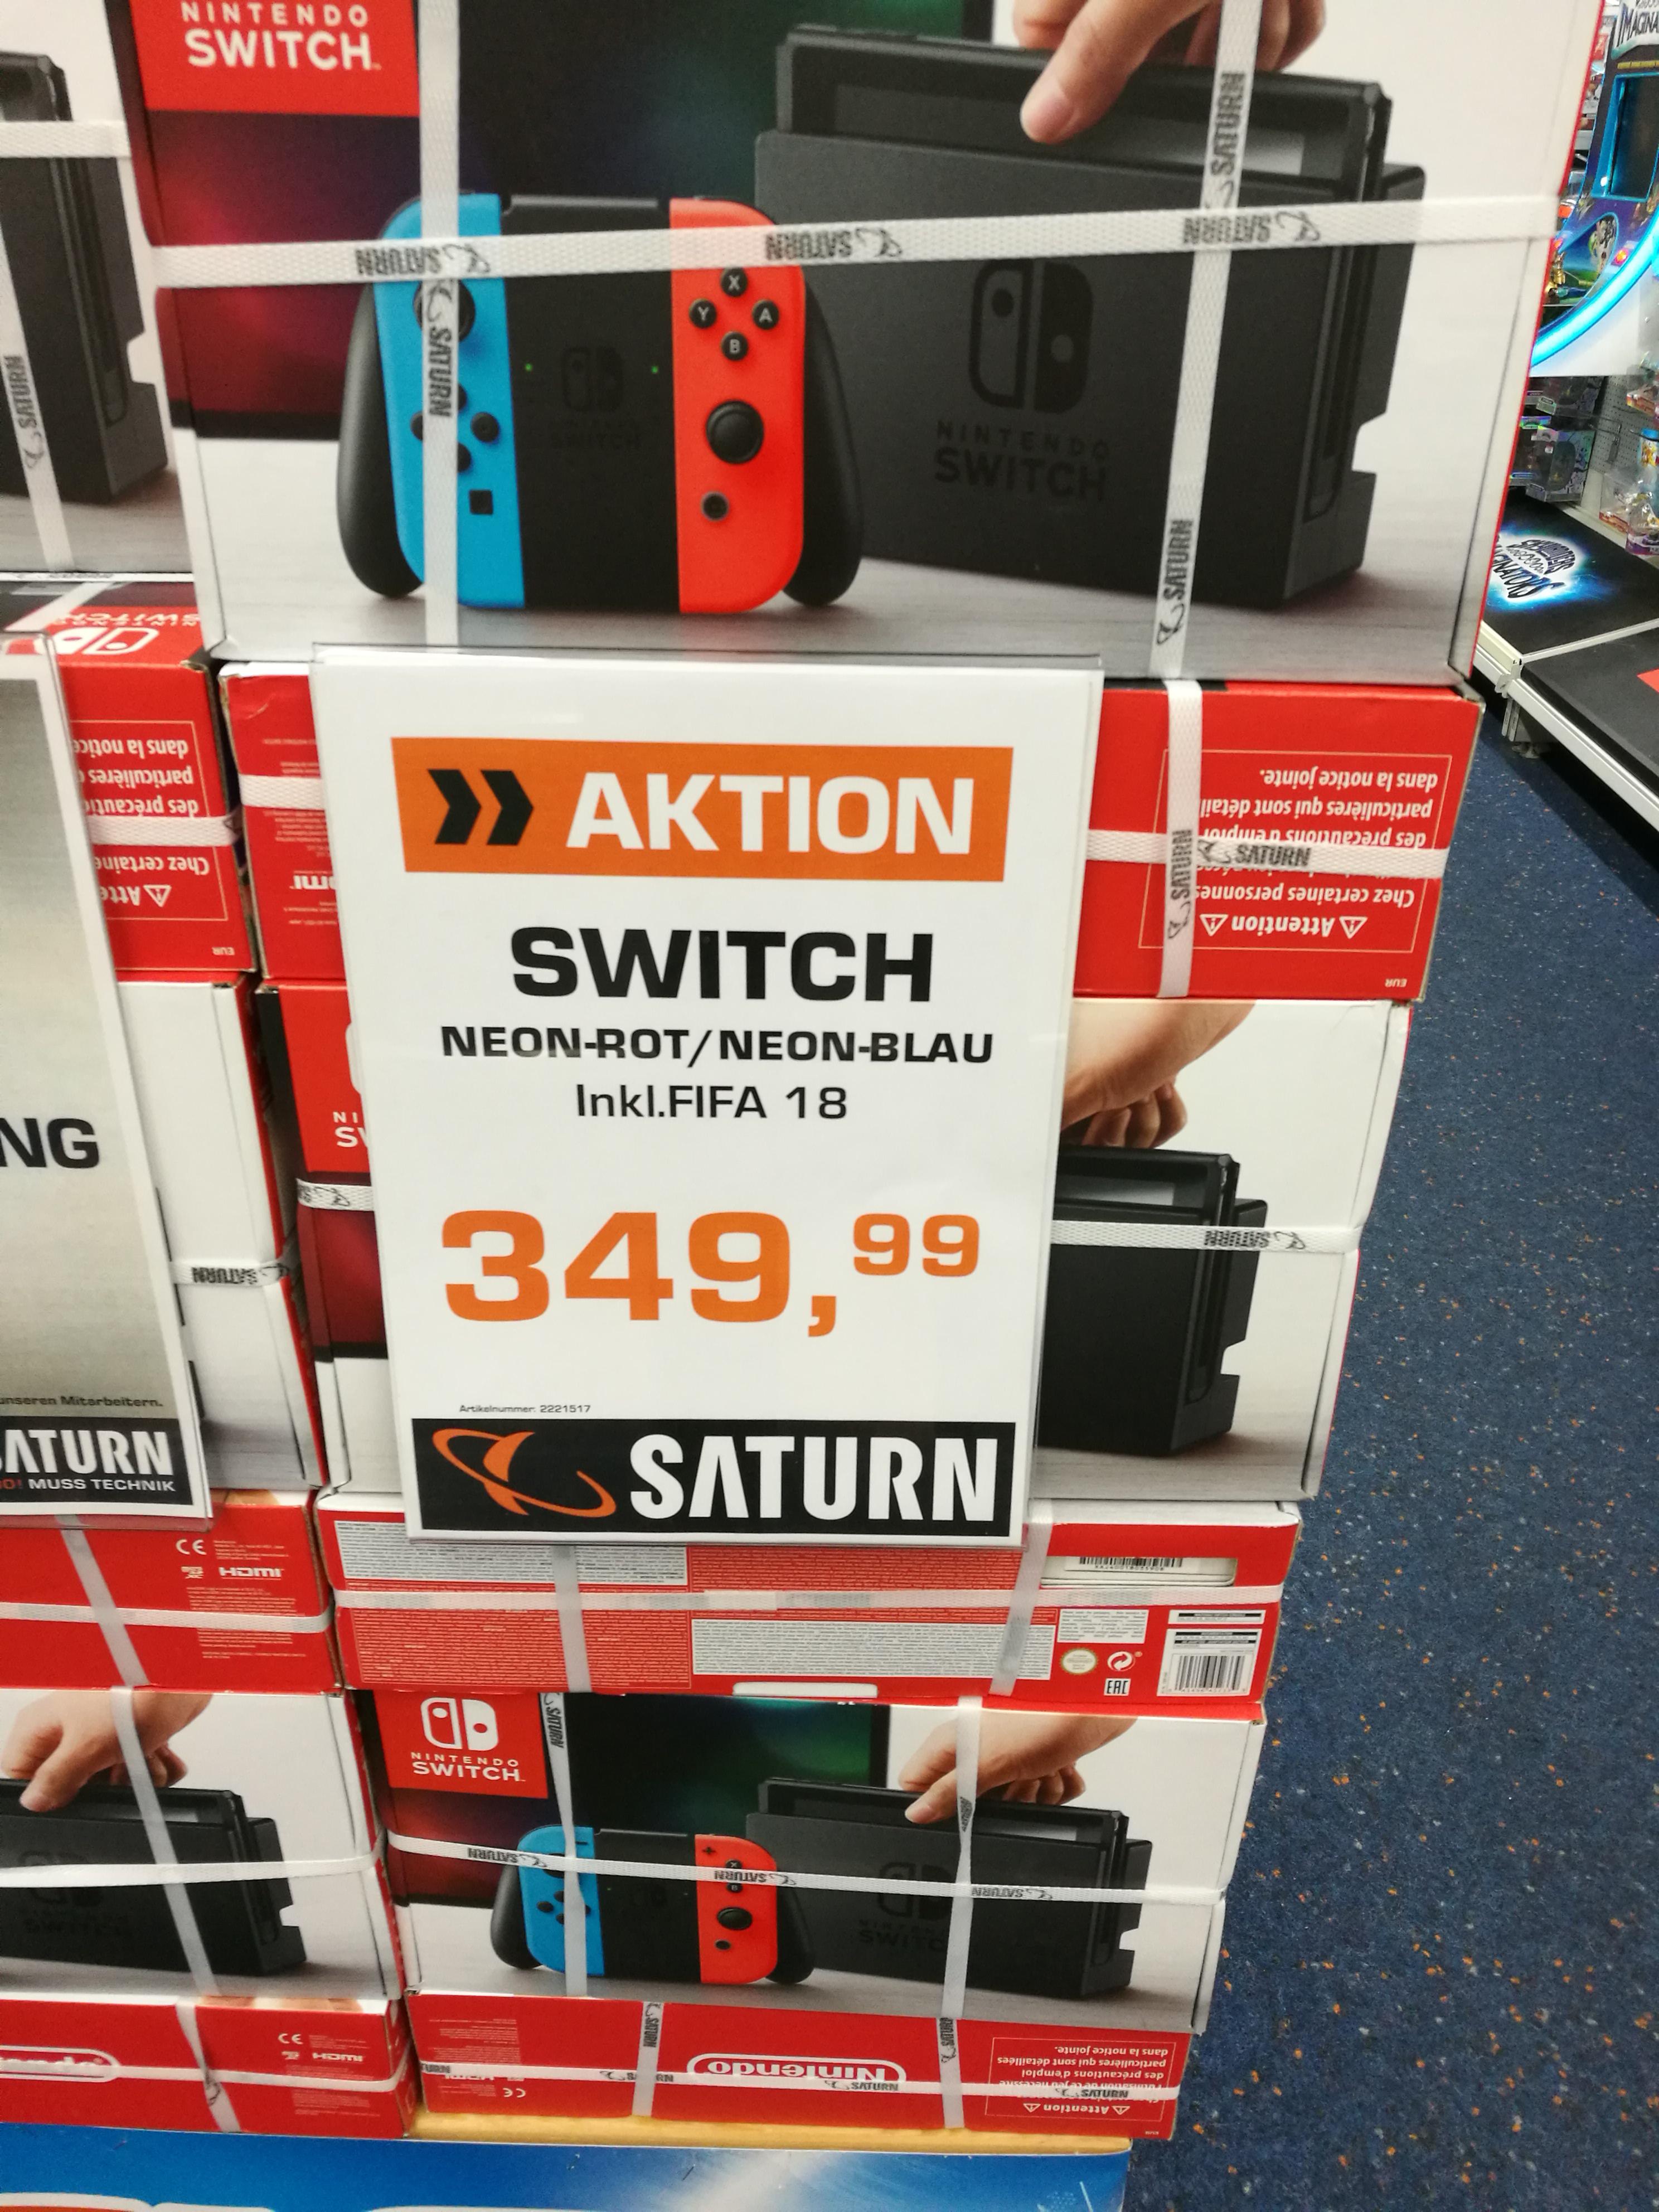 [Lokal] Frankfurt Saturn MyZeil Nintendo Switch inkl. FIFA 18